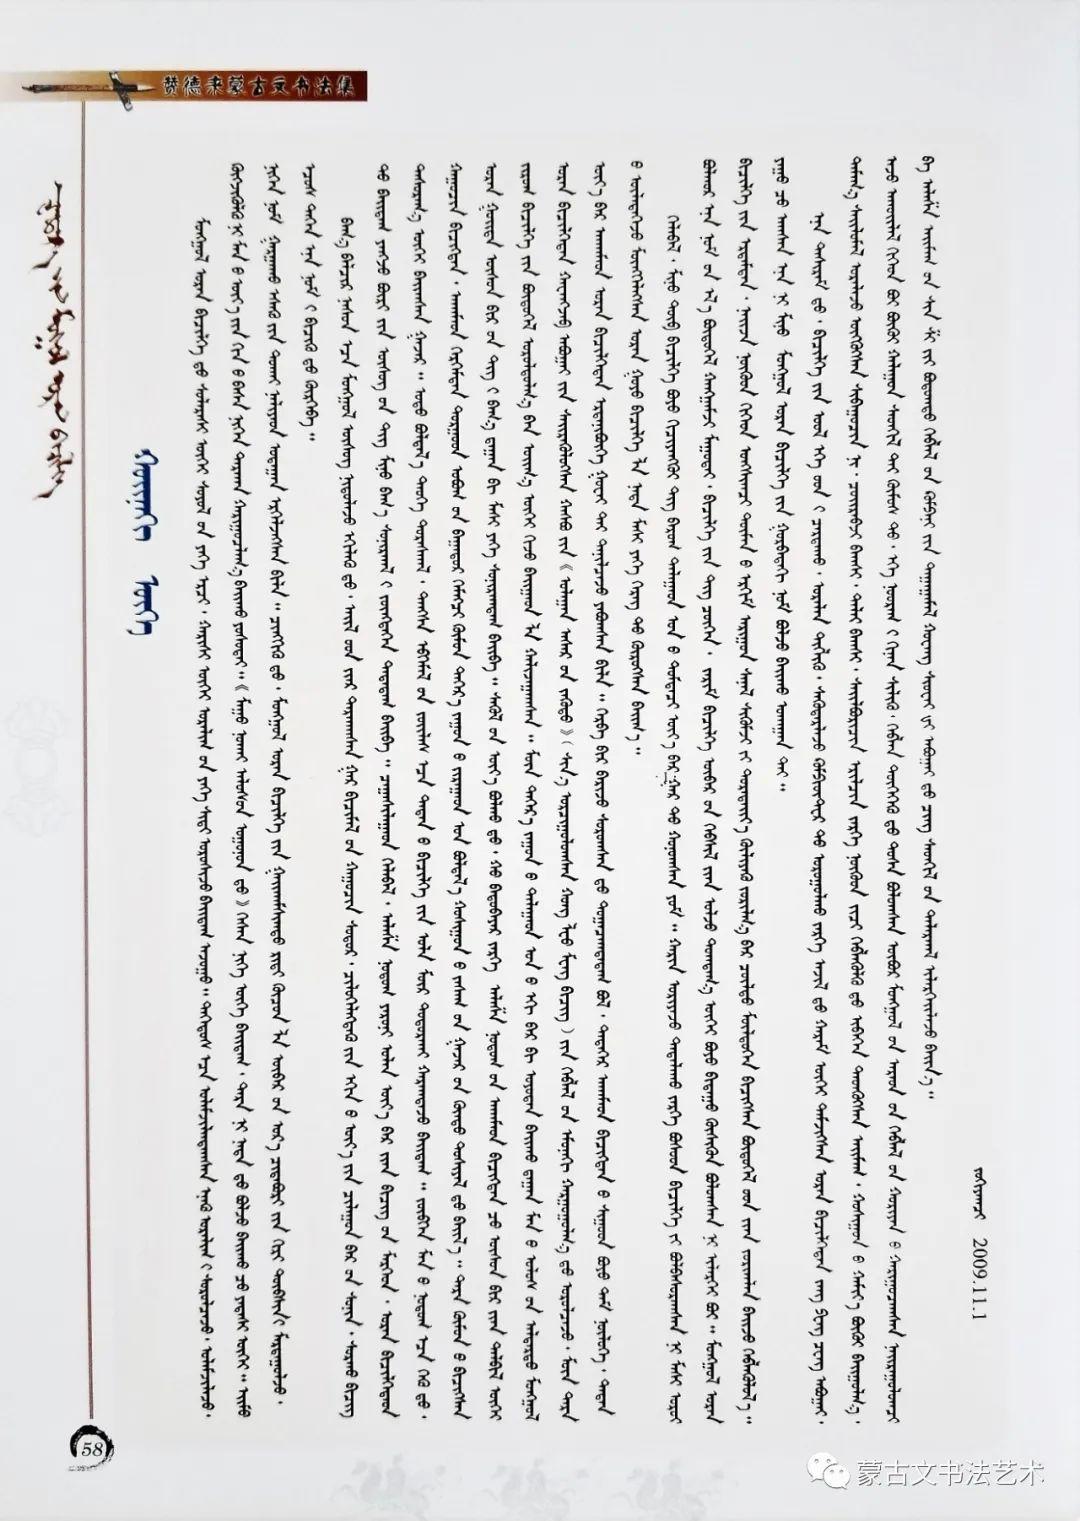 赞得来蒙古文书法集 第16张 赞得来蒙古文书法集 蒙古书法